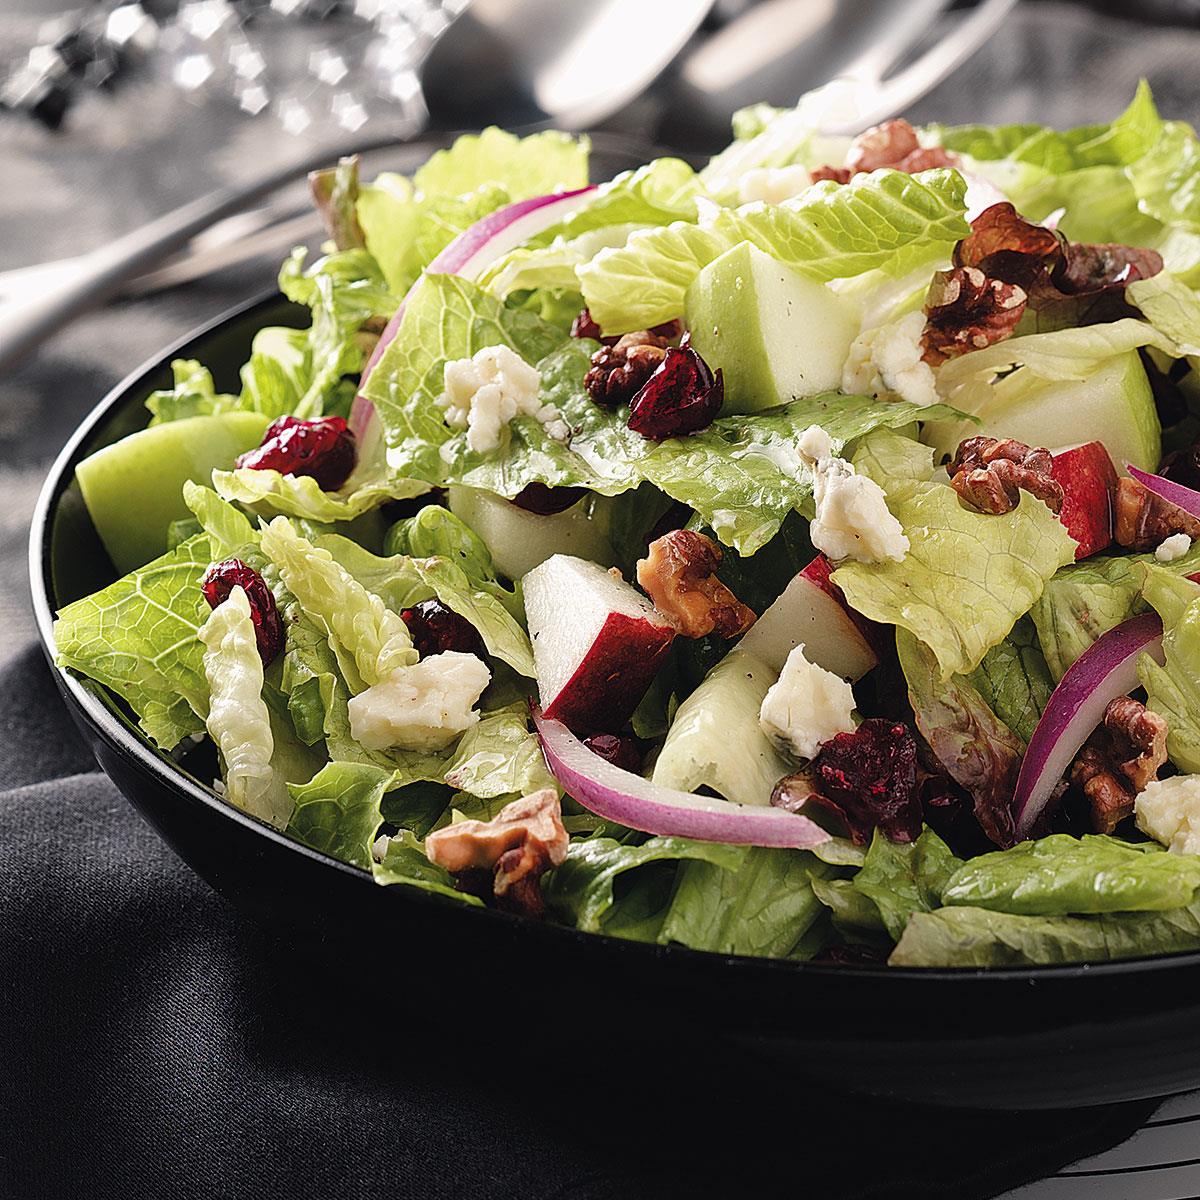 Apple and Walnut Salad image